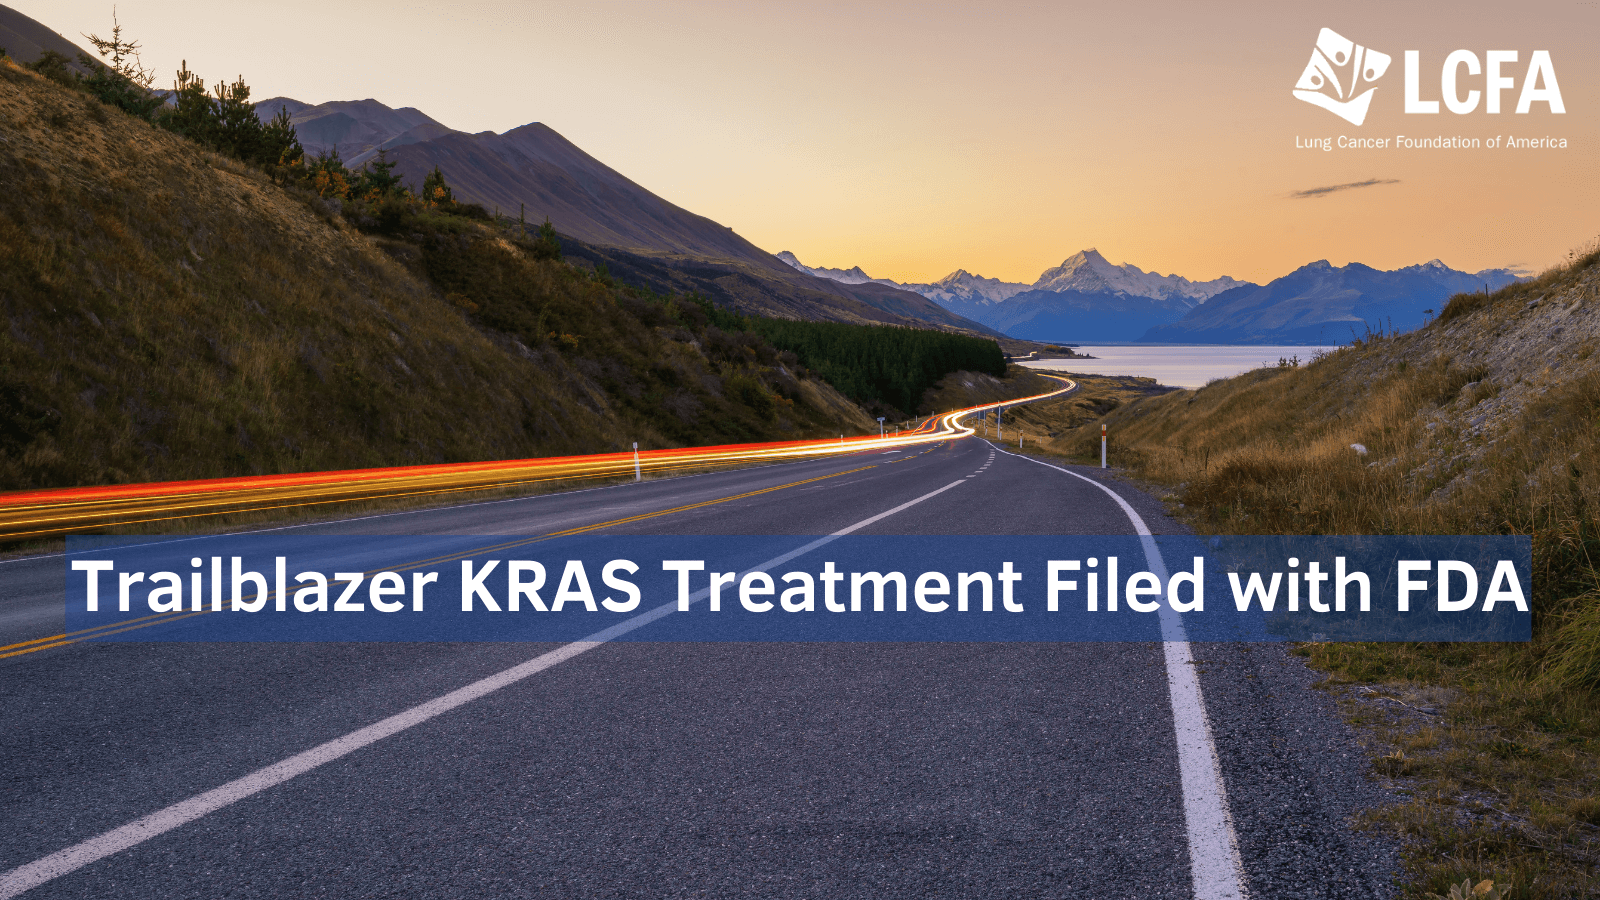 Trailblazer KRAS Treatment filed with FDA